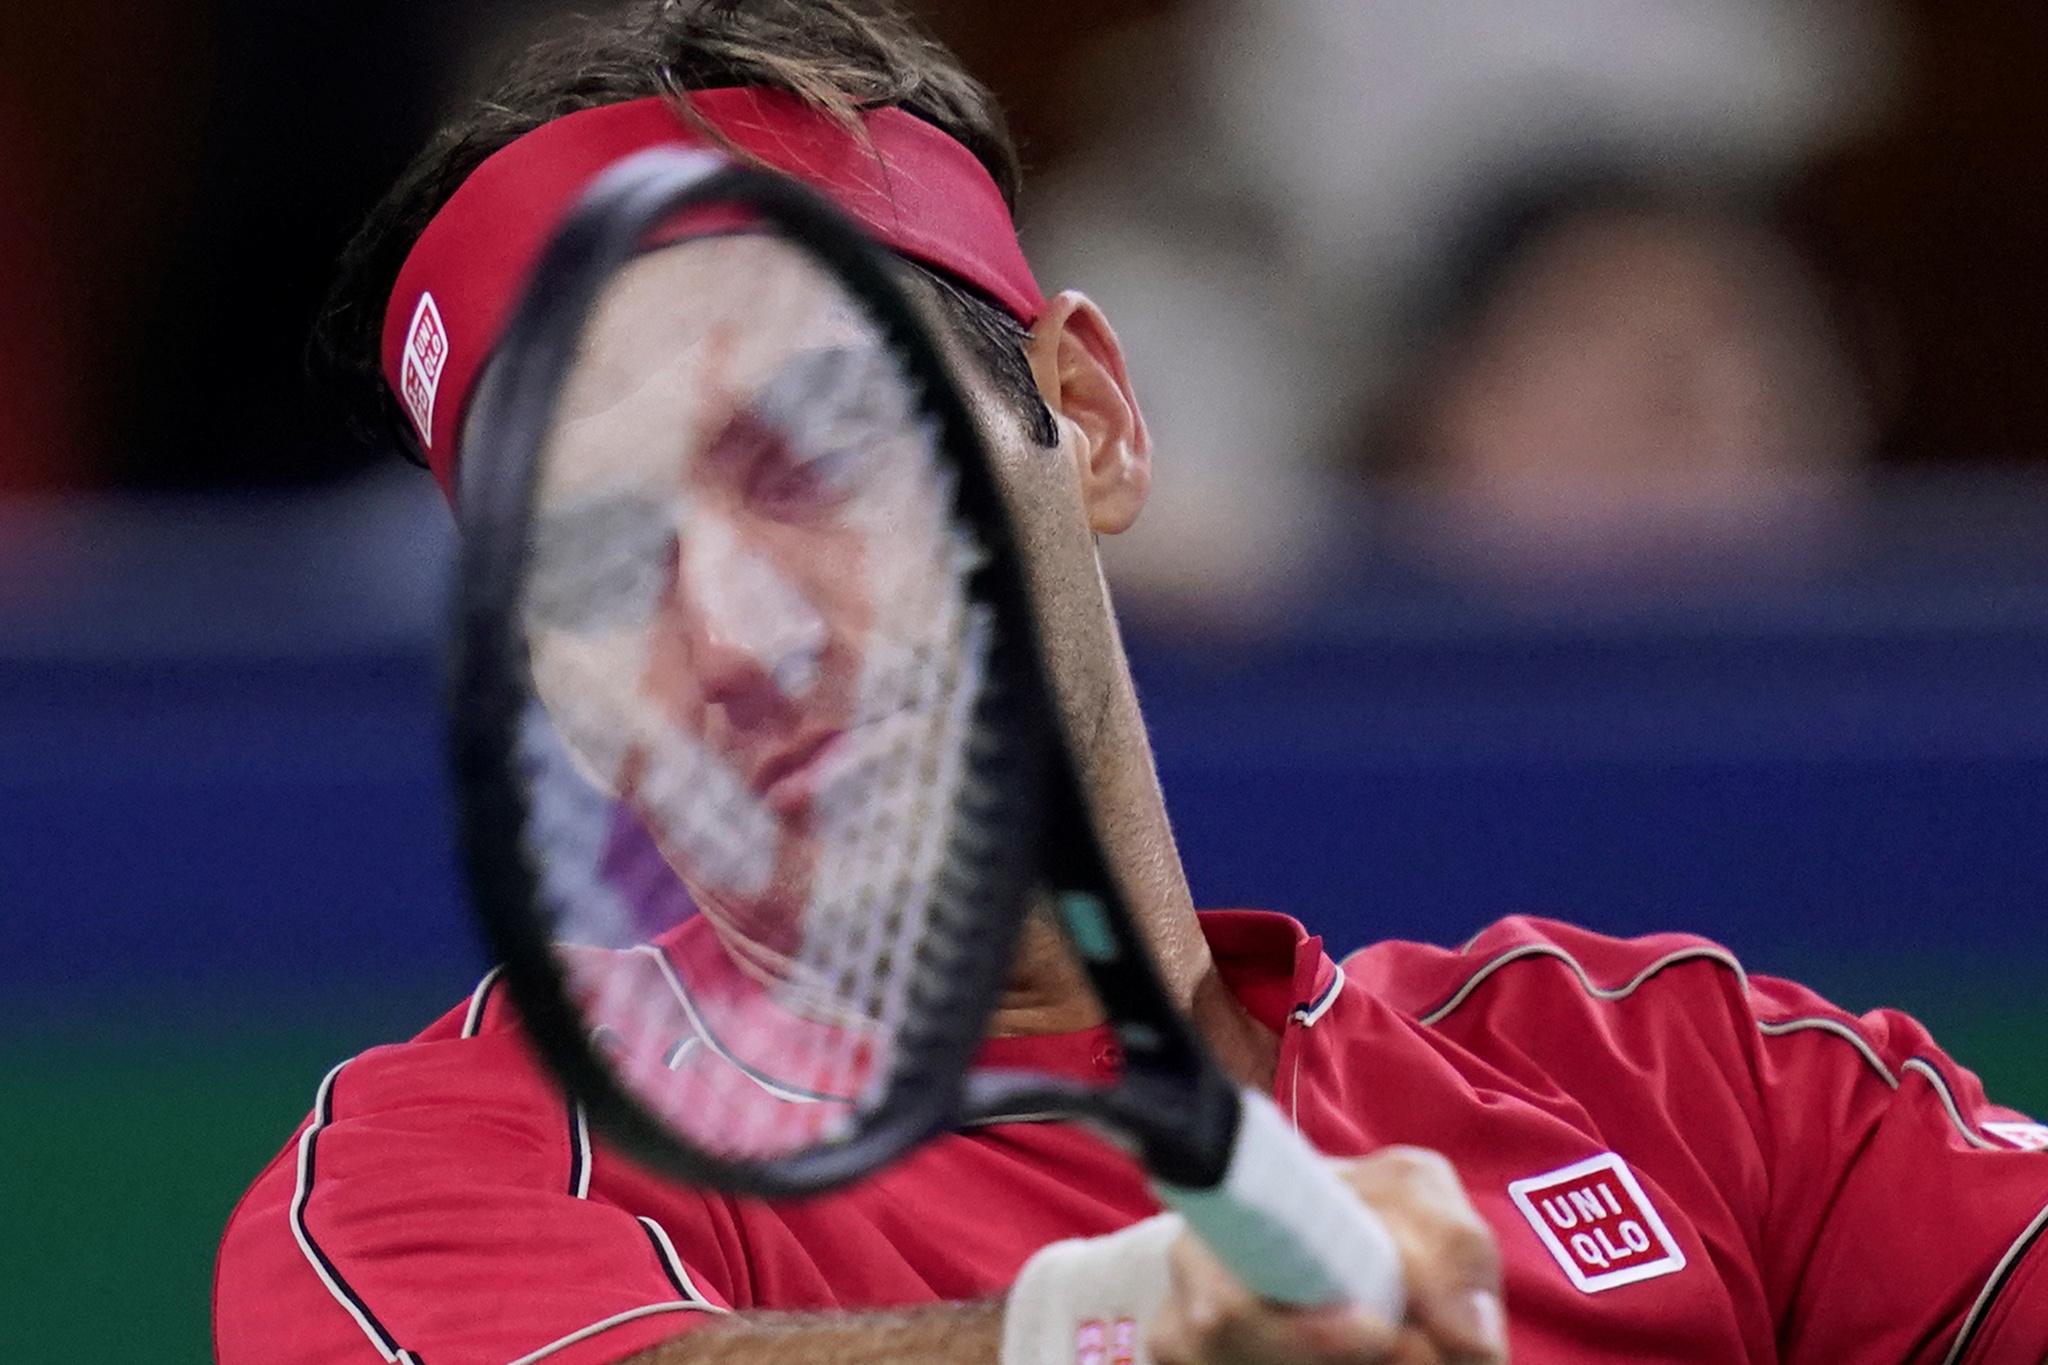 Zverev alza el vuelo ante Federer, que pierde los nervios con el juez de silla